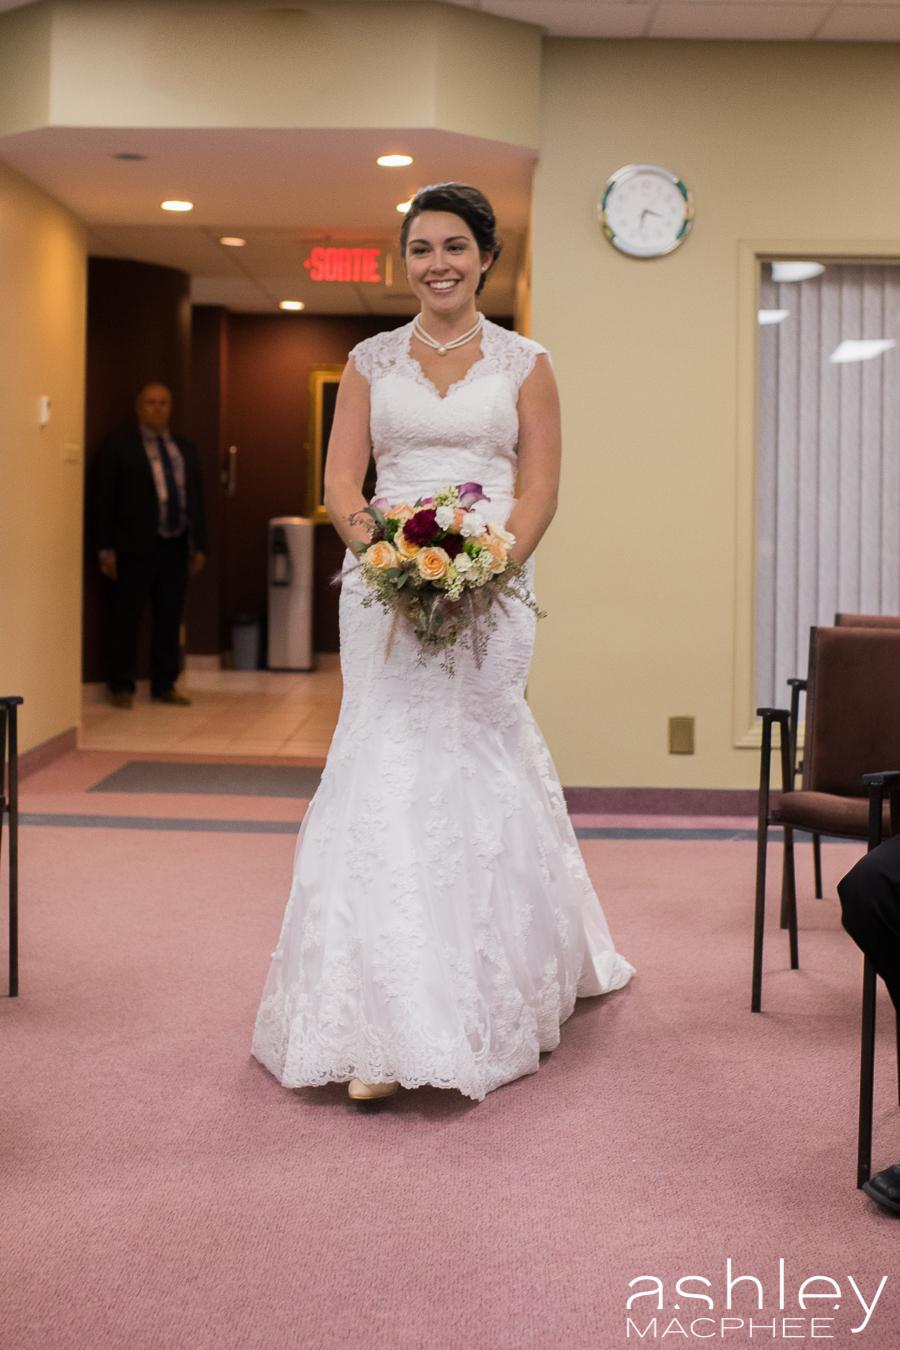 Ashley MacPhee Photography Mont Tremblant Wedding Photographer (47 of 92).jpg